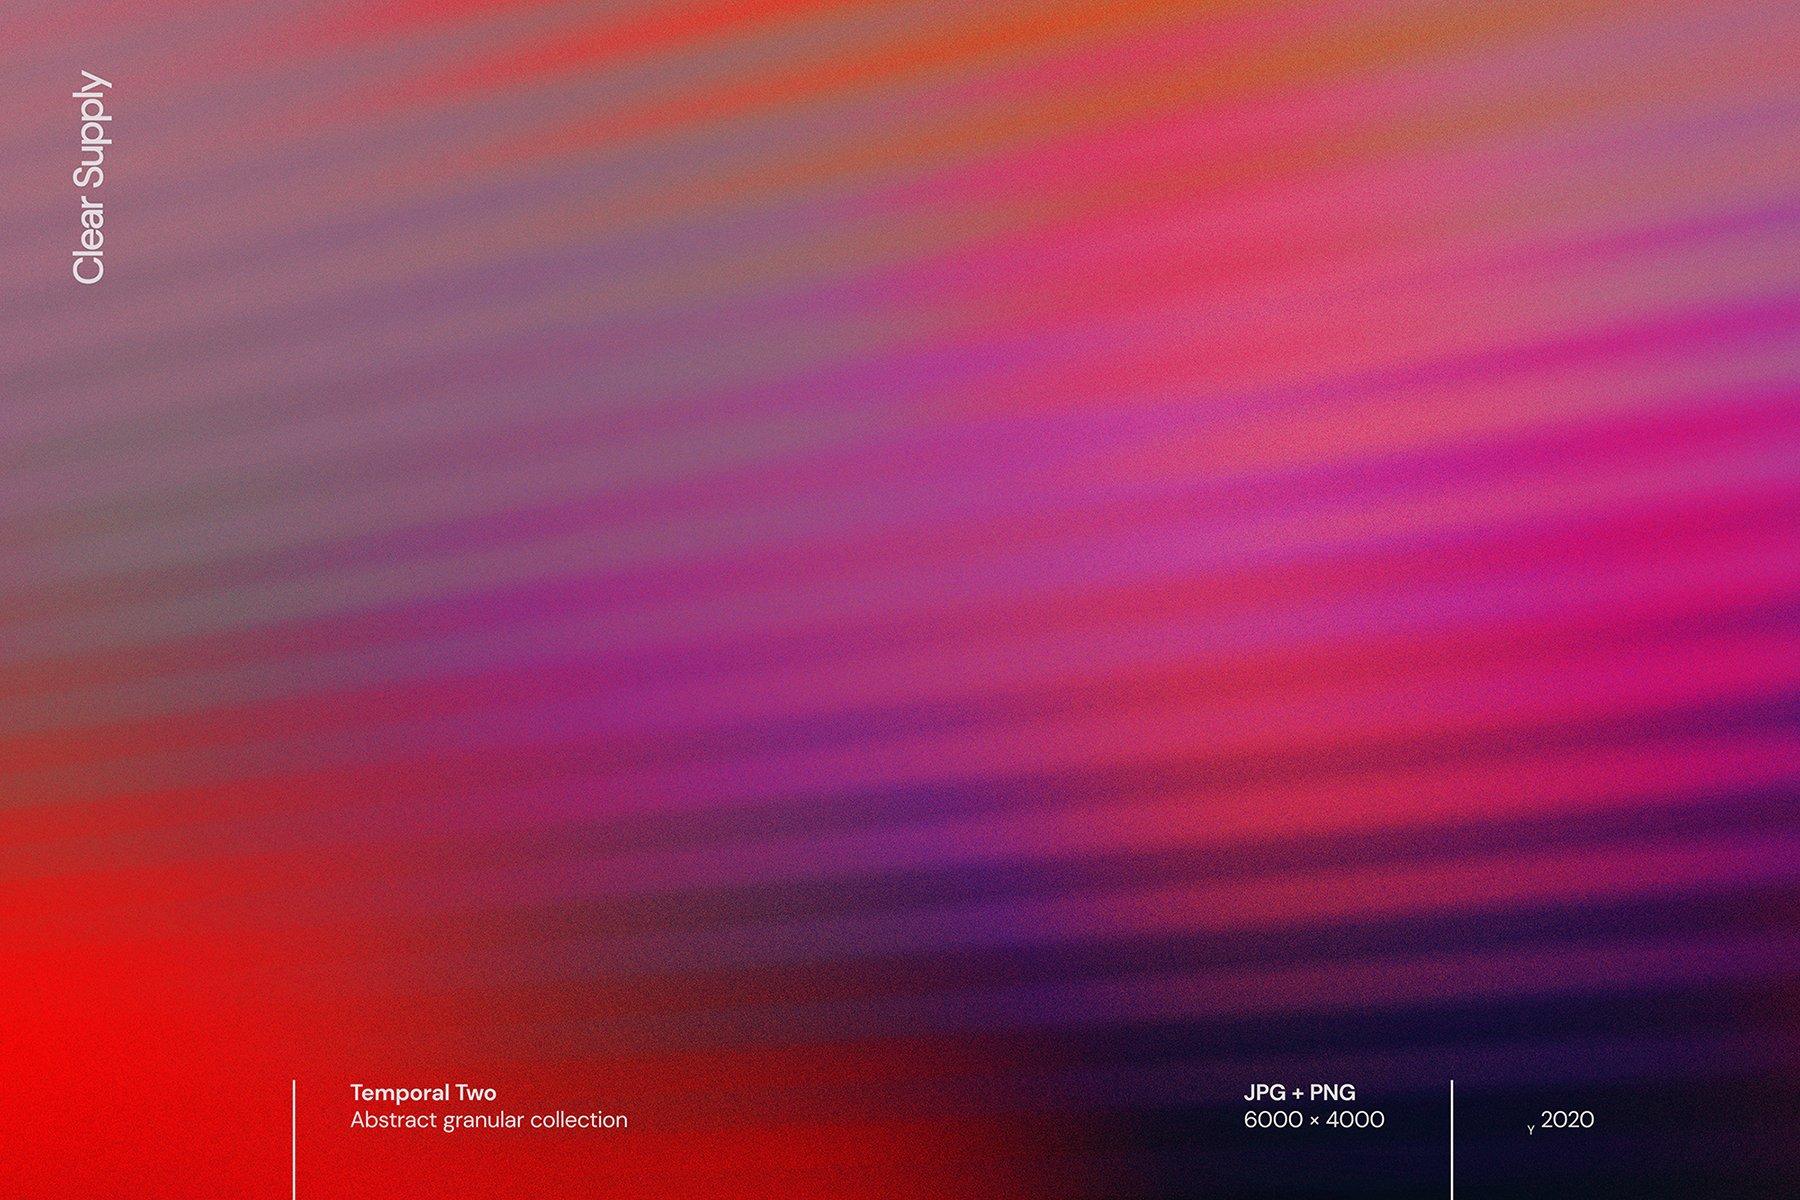 14款高清炫彩抽象艺术动感模糊渐变海报背景图片素材 Clear Supply – Temporal Two插图3